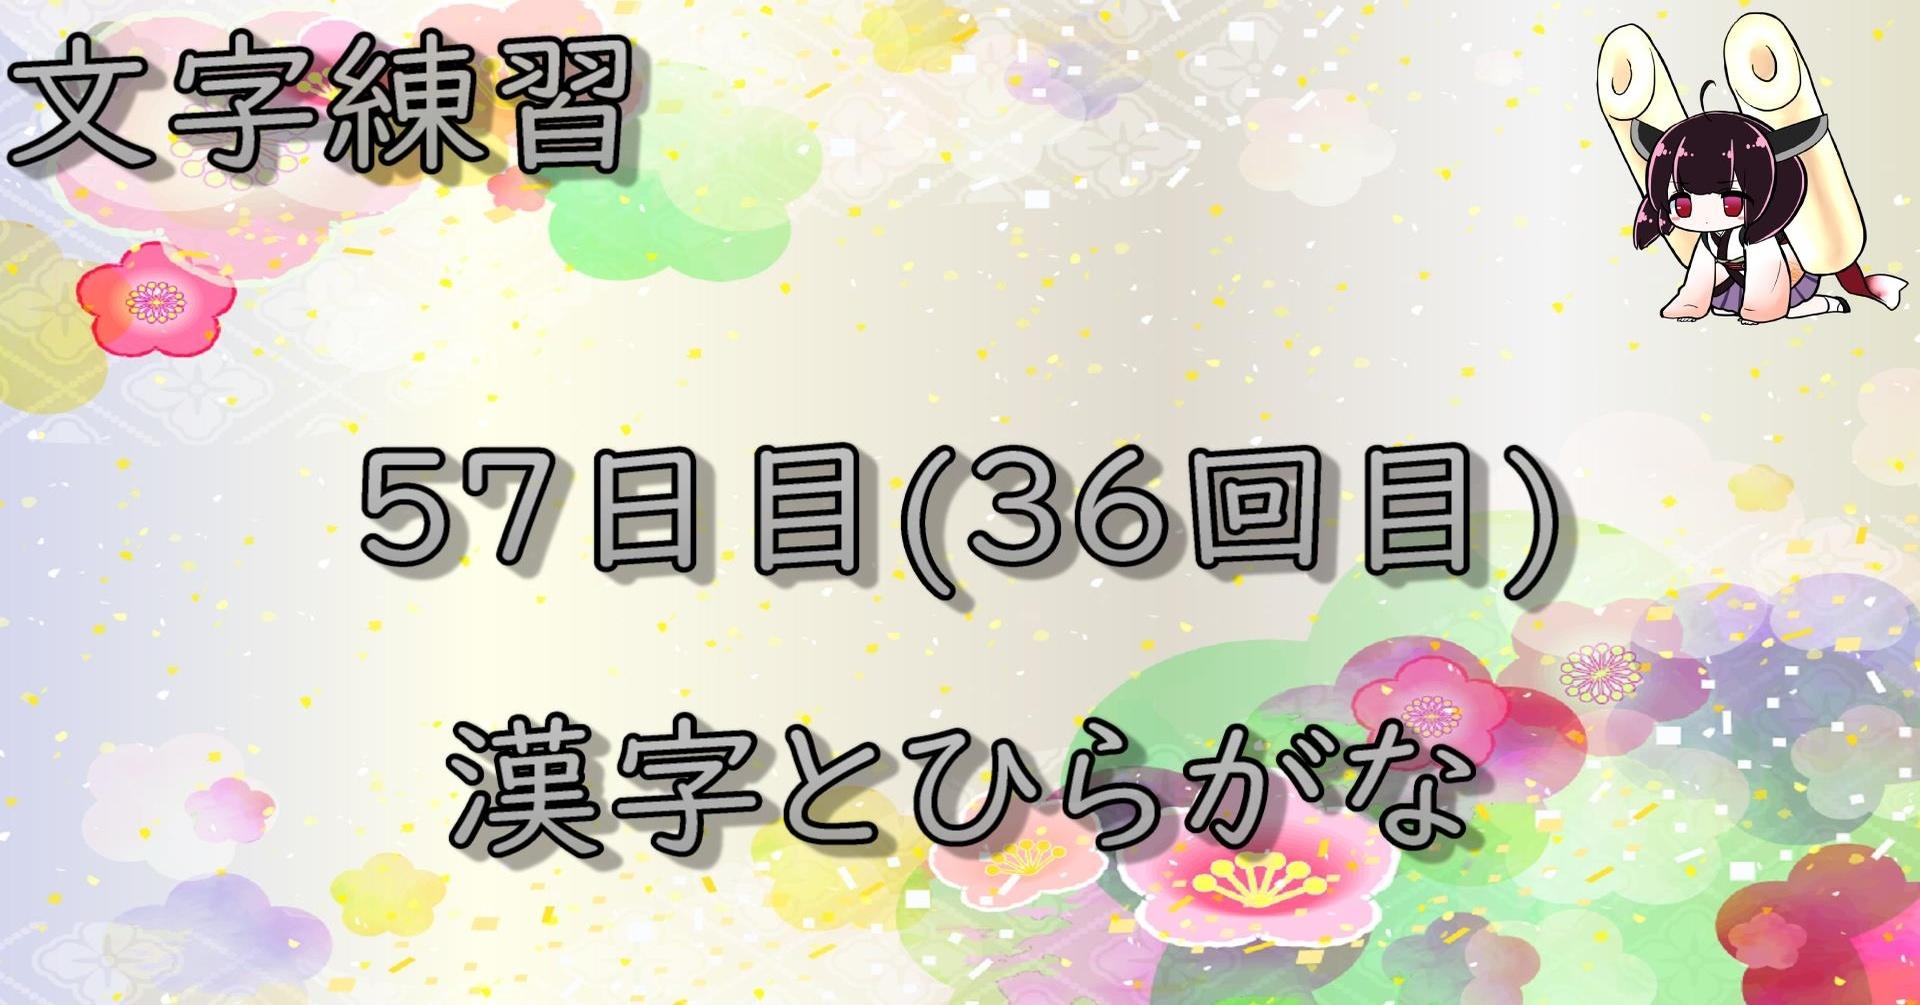 文字練習57日目(36回目)